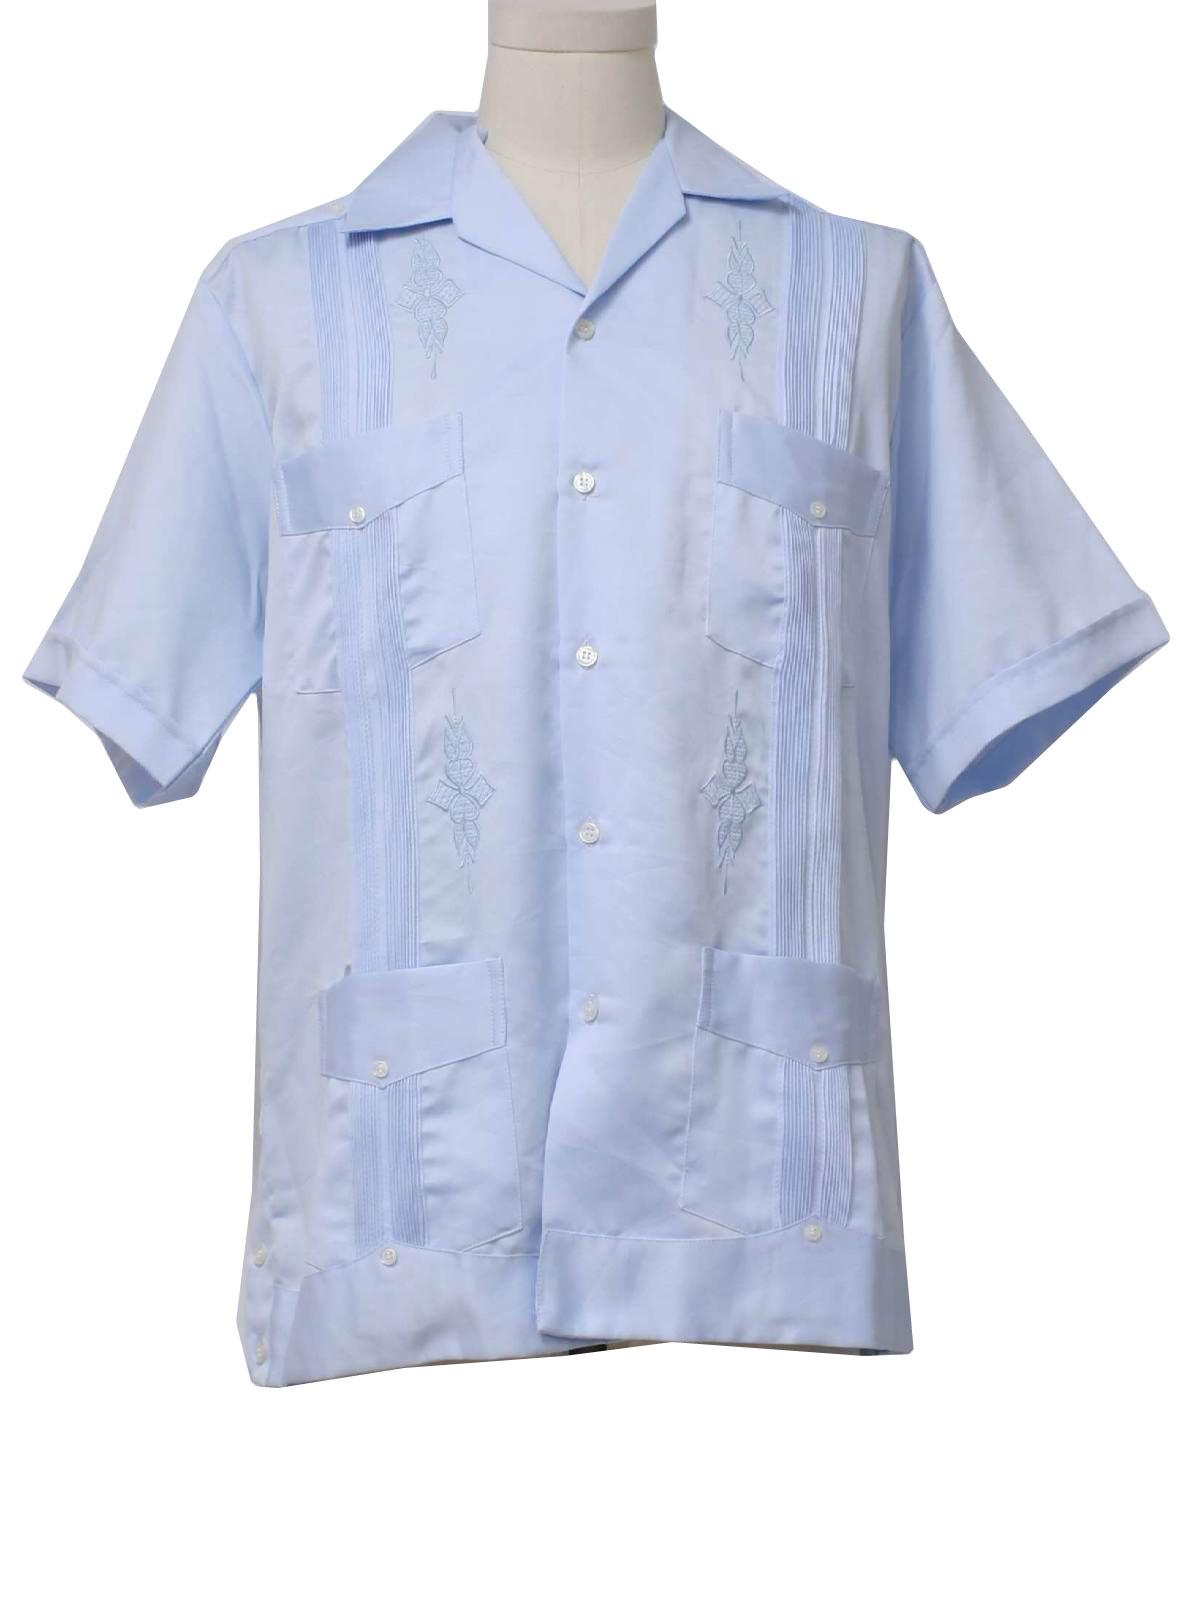 Retro 1980's Guayabera Shirt (Zava) : 80s -Zava- Mens ...